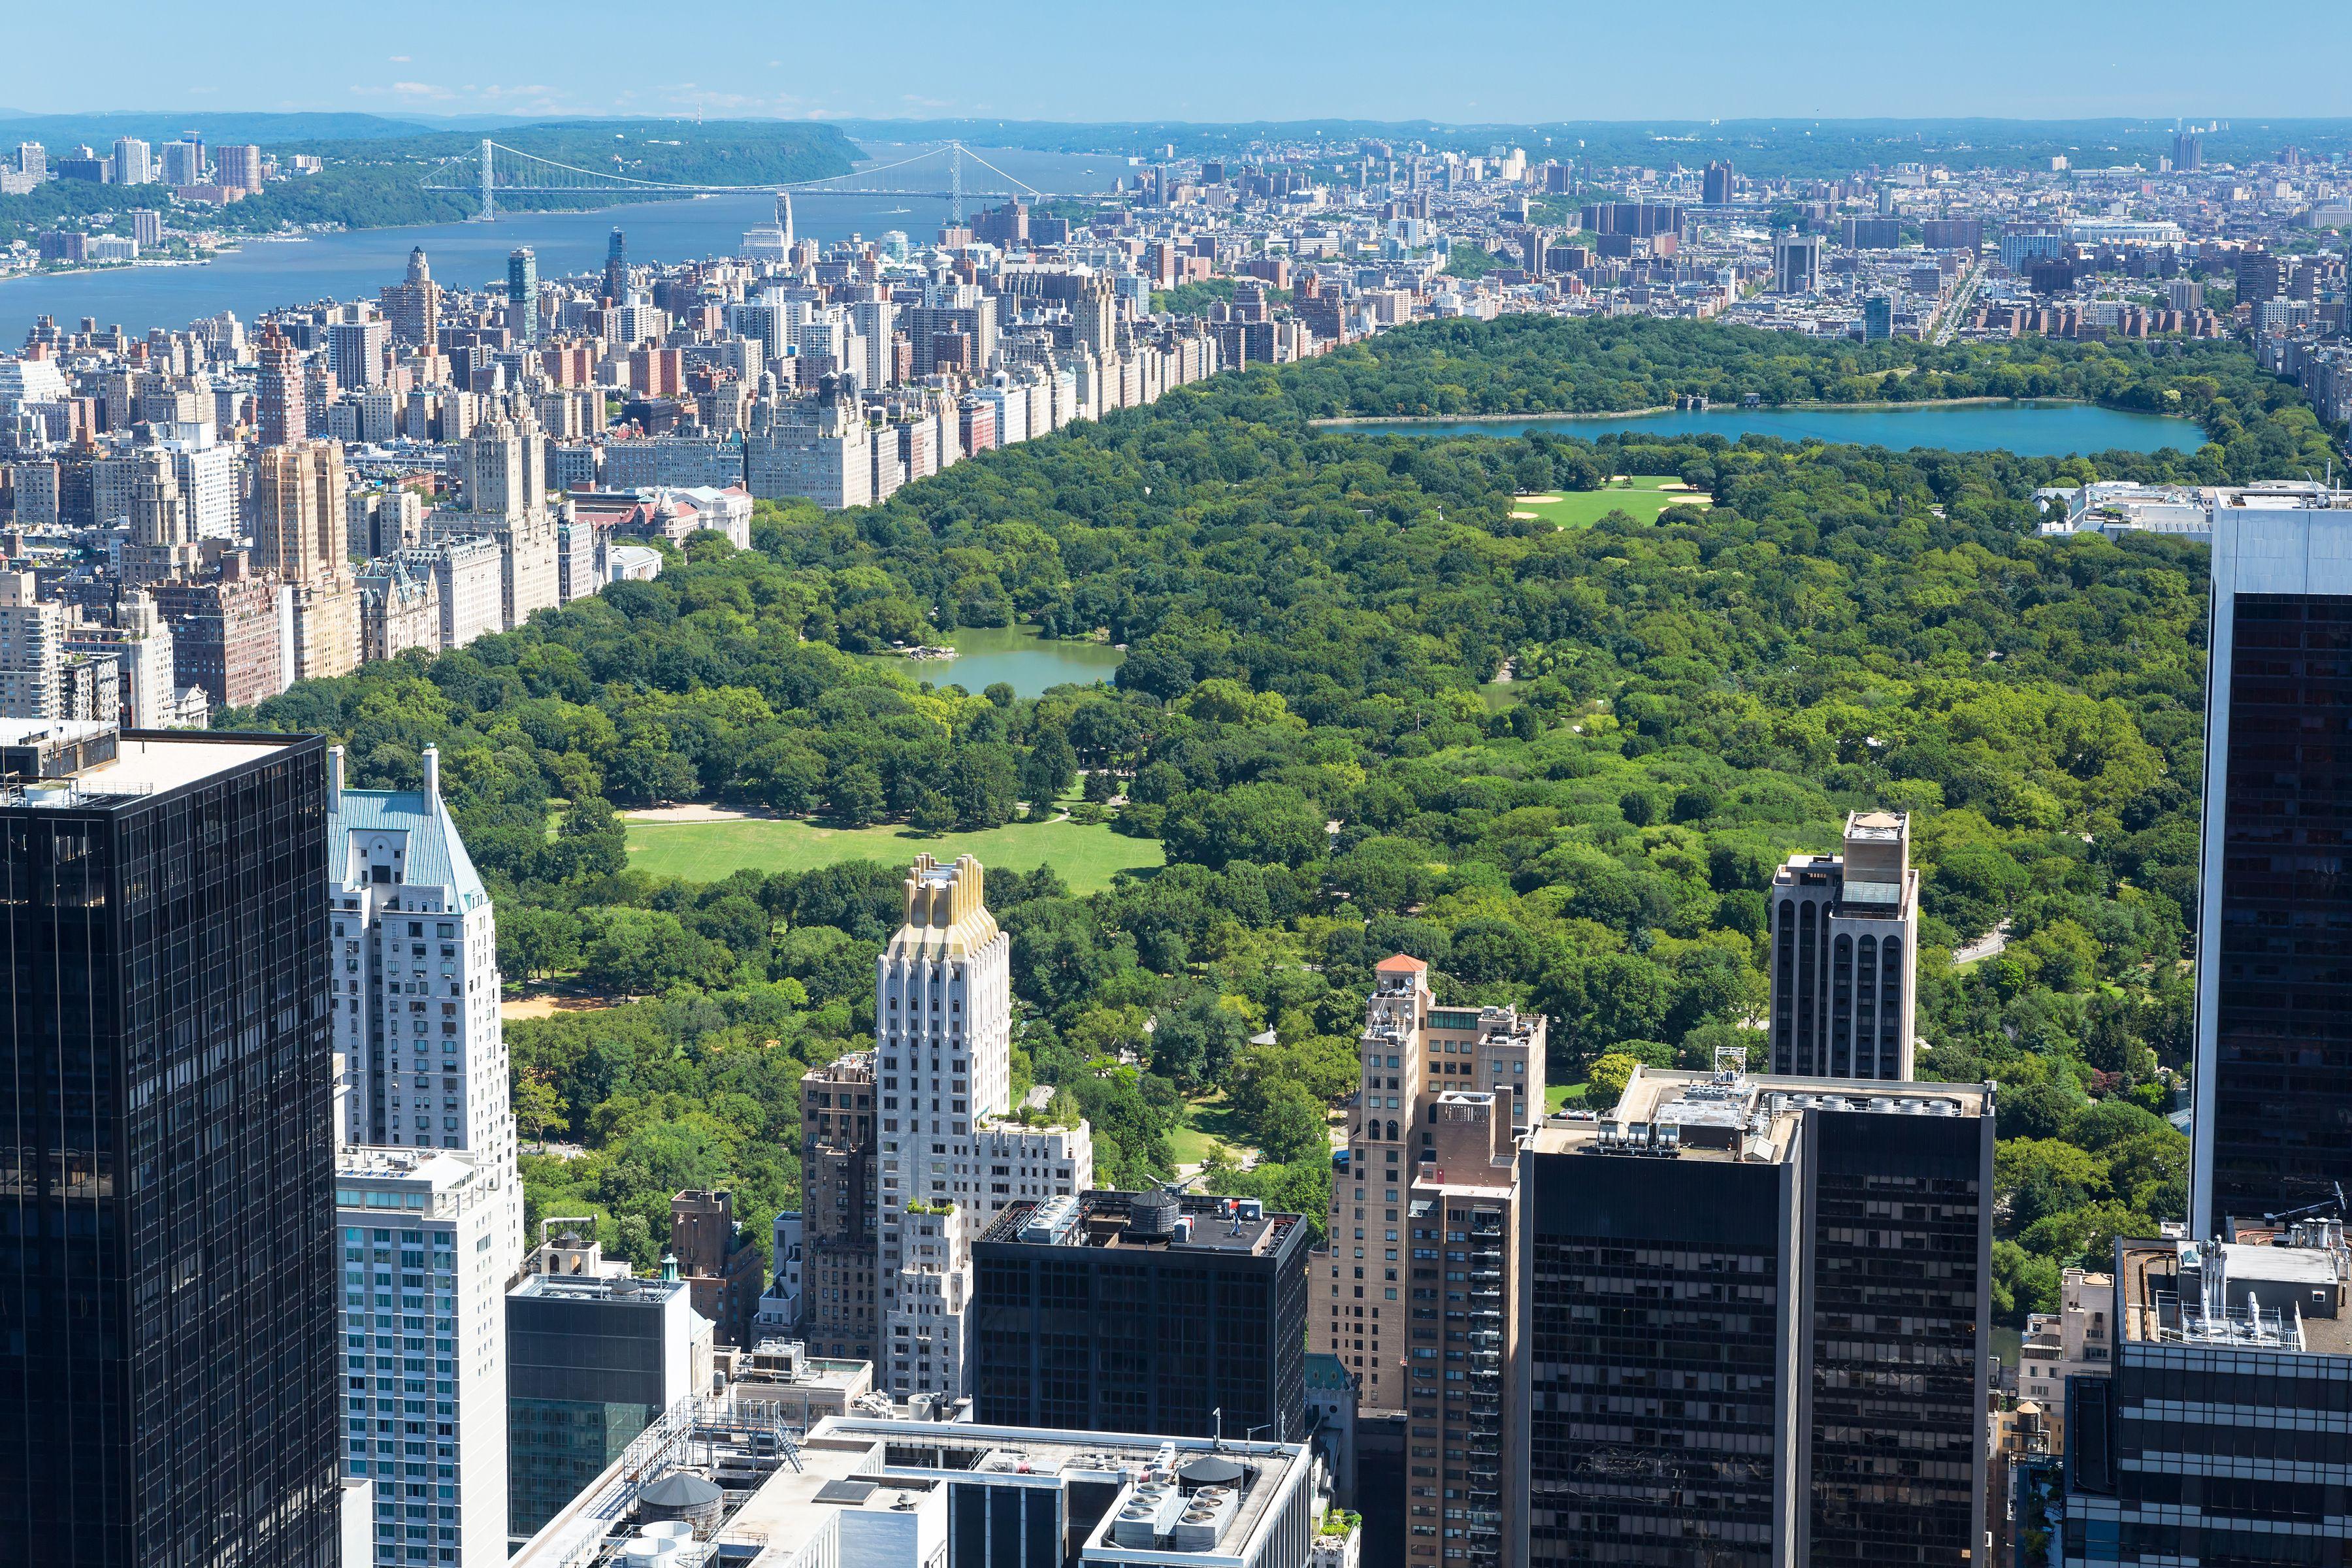 New York City Summer Program For High School Students Summerstudy Nyc Held At Fordham University Bestsummerever Landscape Historical Landscape Central Park